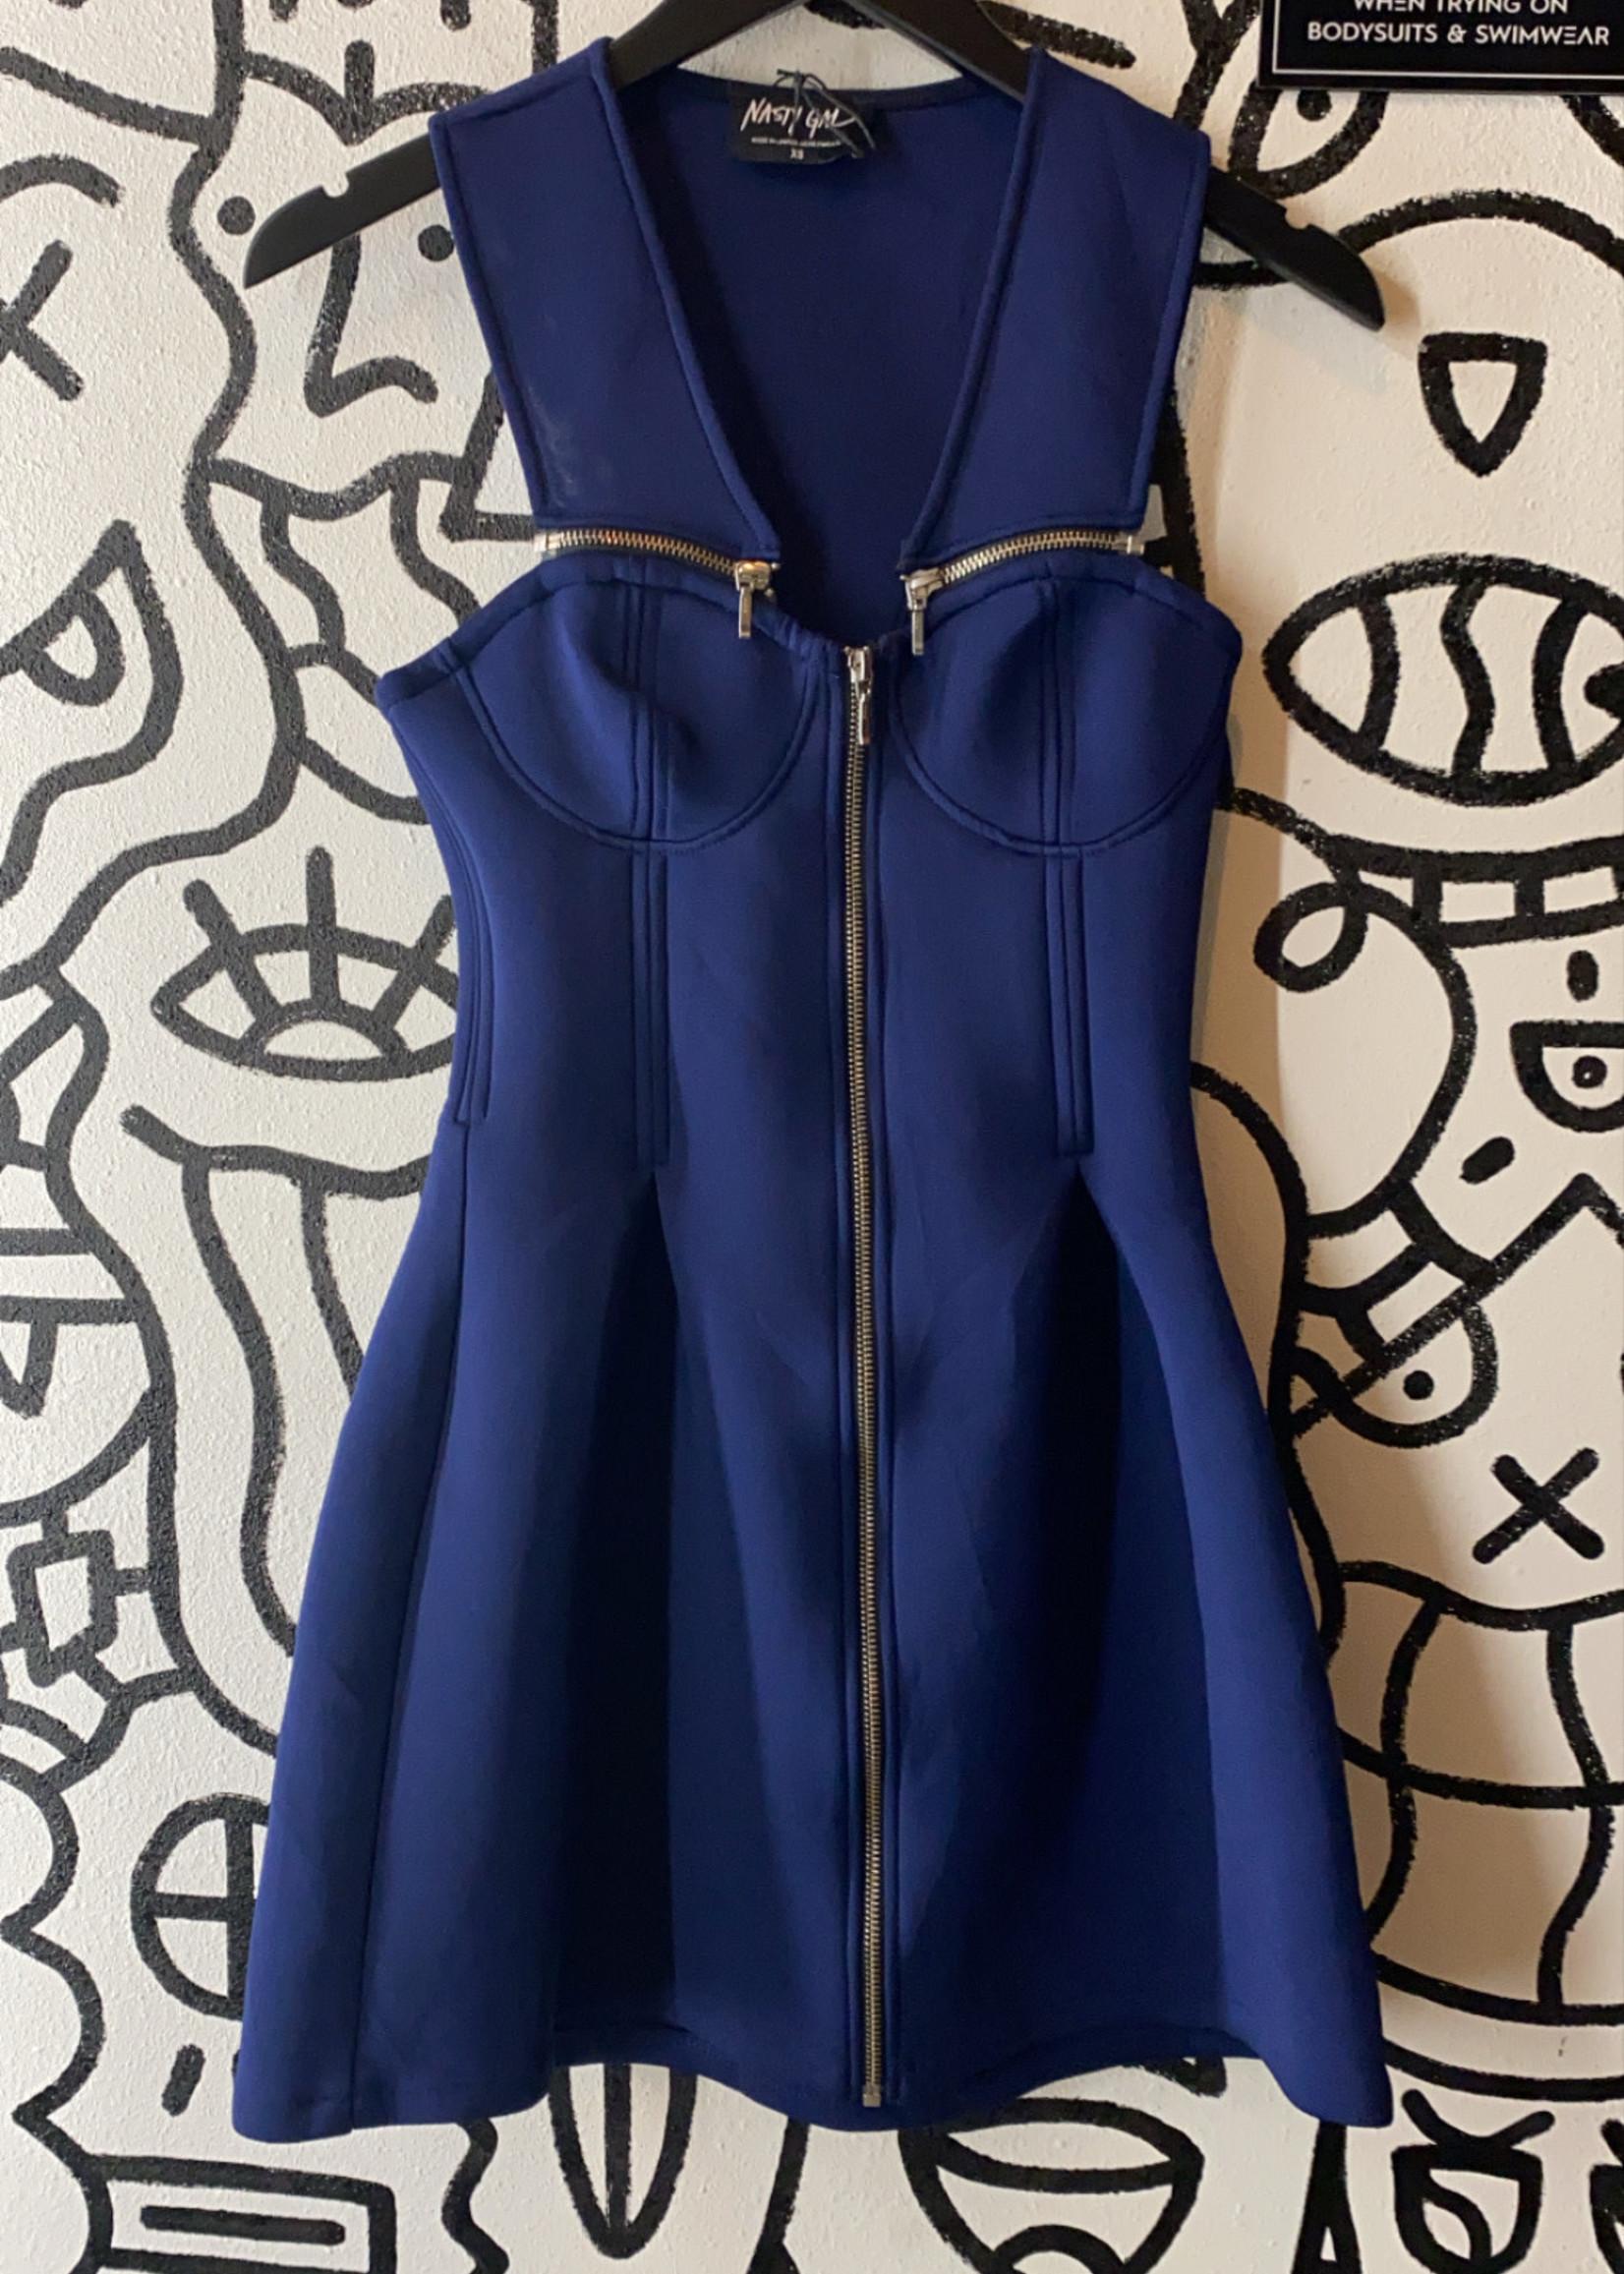 Nasty Gal Blue Zipper Dress